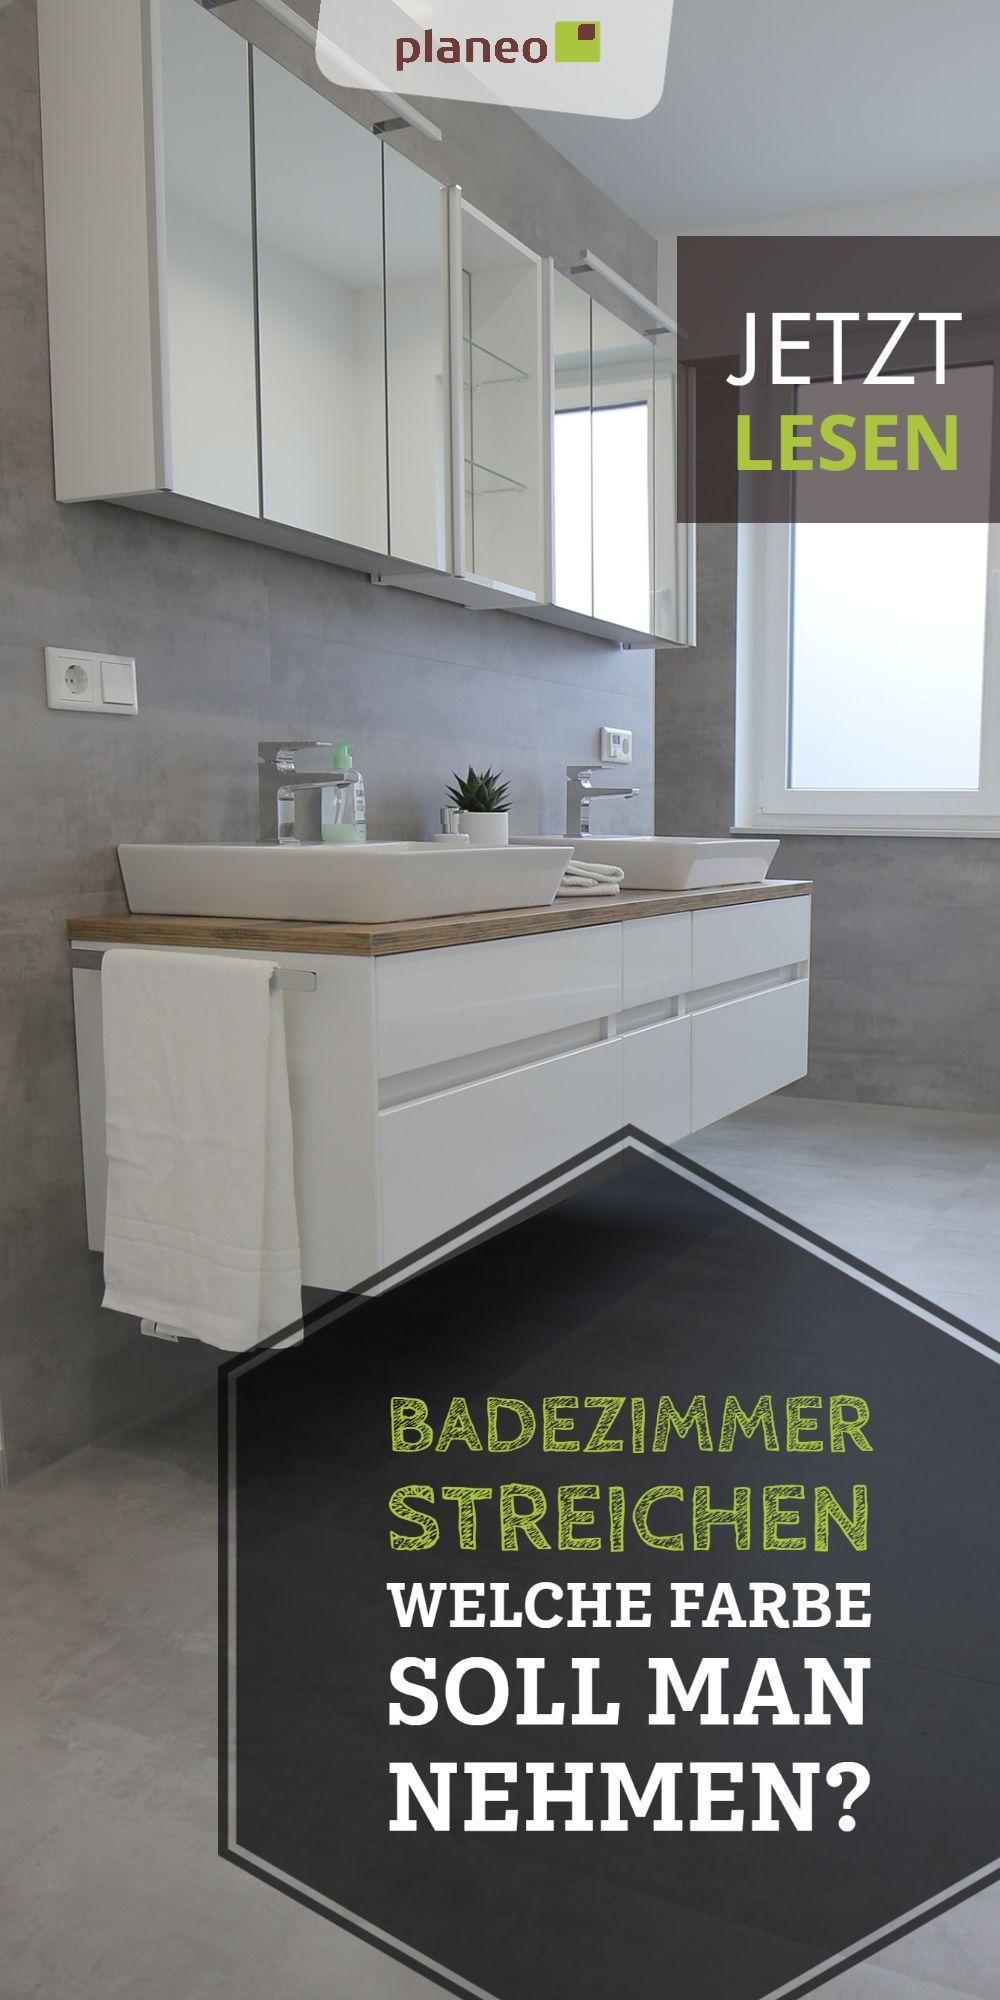 Badezimmer Streichen Welche Farbe Soll Man Nehmen In 2020 Badezimmer Streichen Welche Farbe Latexfarbe